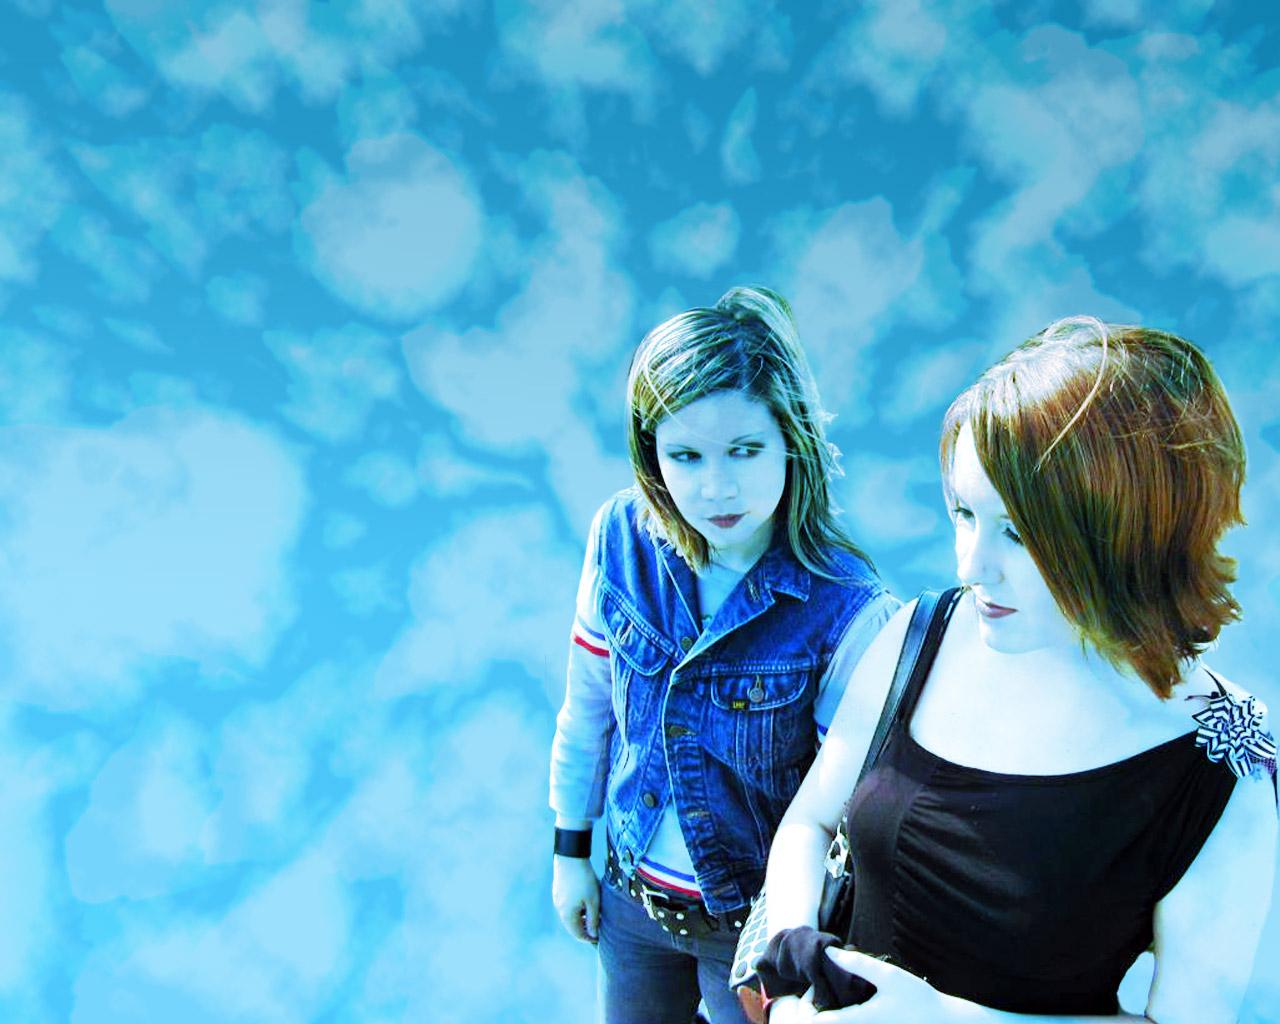 http://4.bp.blogspot.com/-HDKm847KkXI/Ta9eiPocvII/AAAAAAAAHoU/quOuIuipIsA/s1600/SkywowsWallpaper.jpg